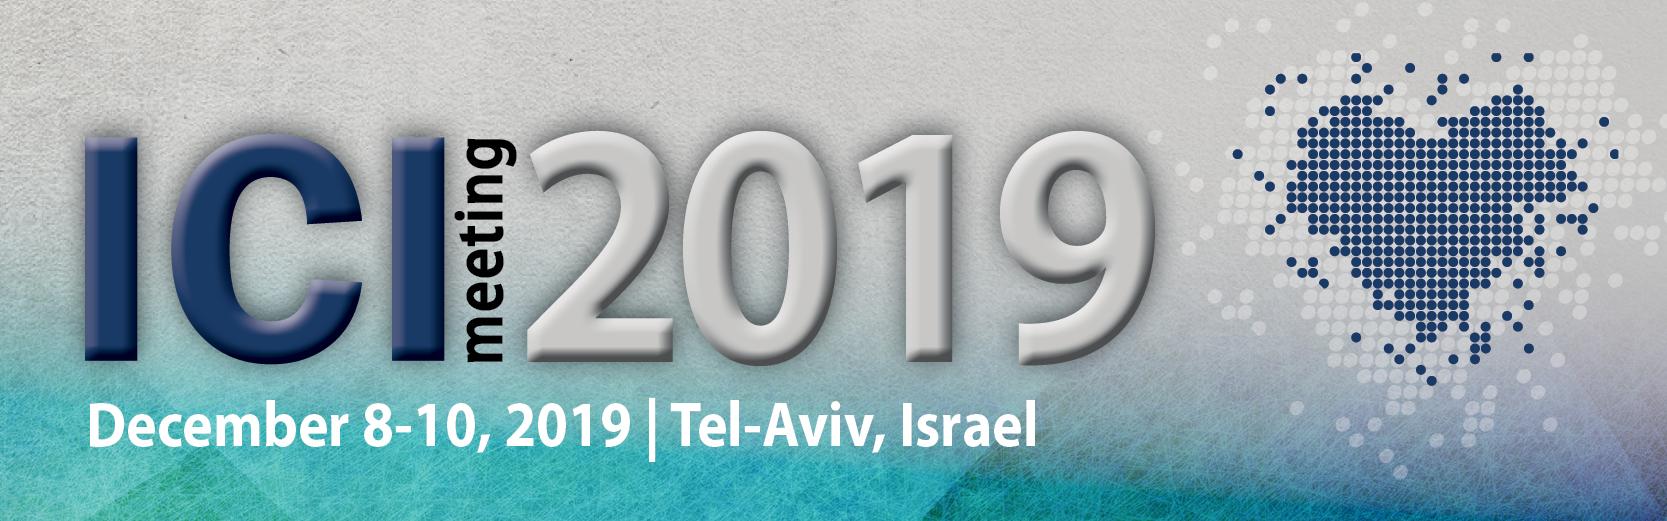 ICI 2019.jpg